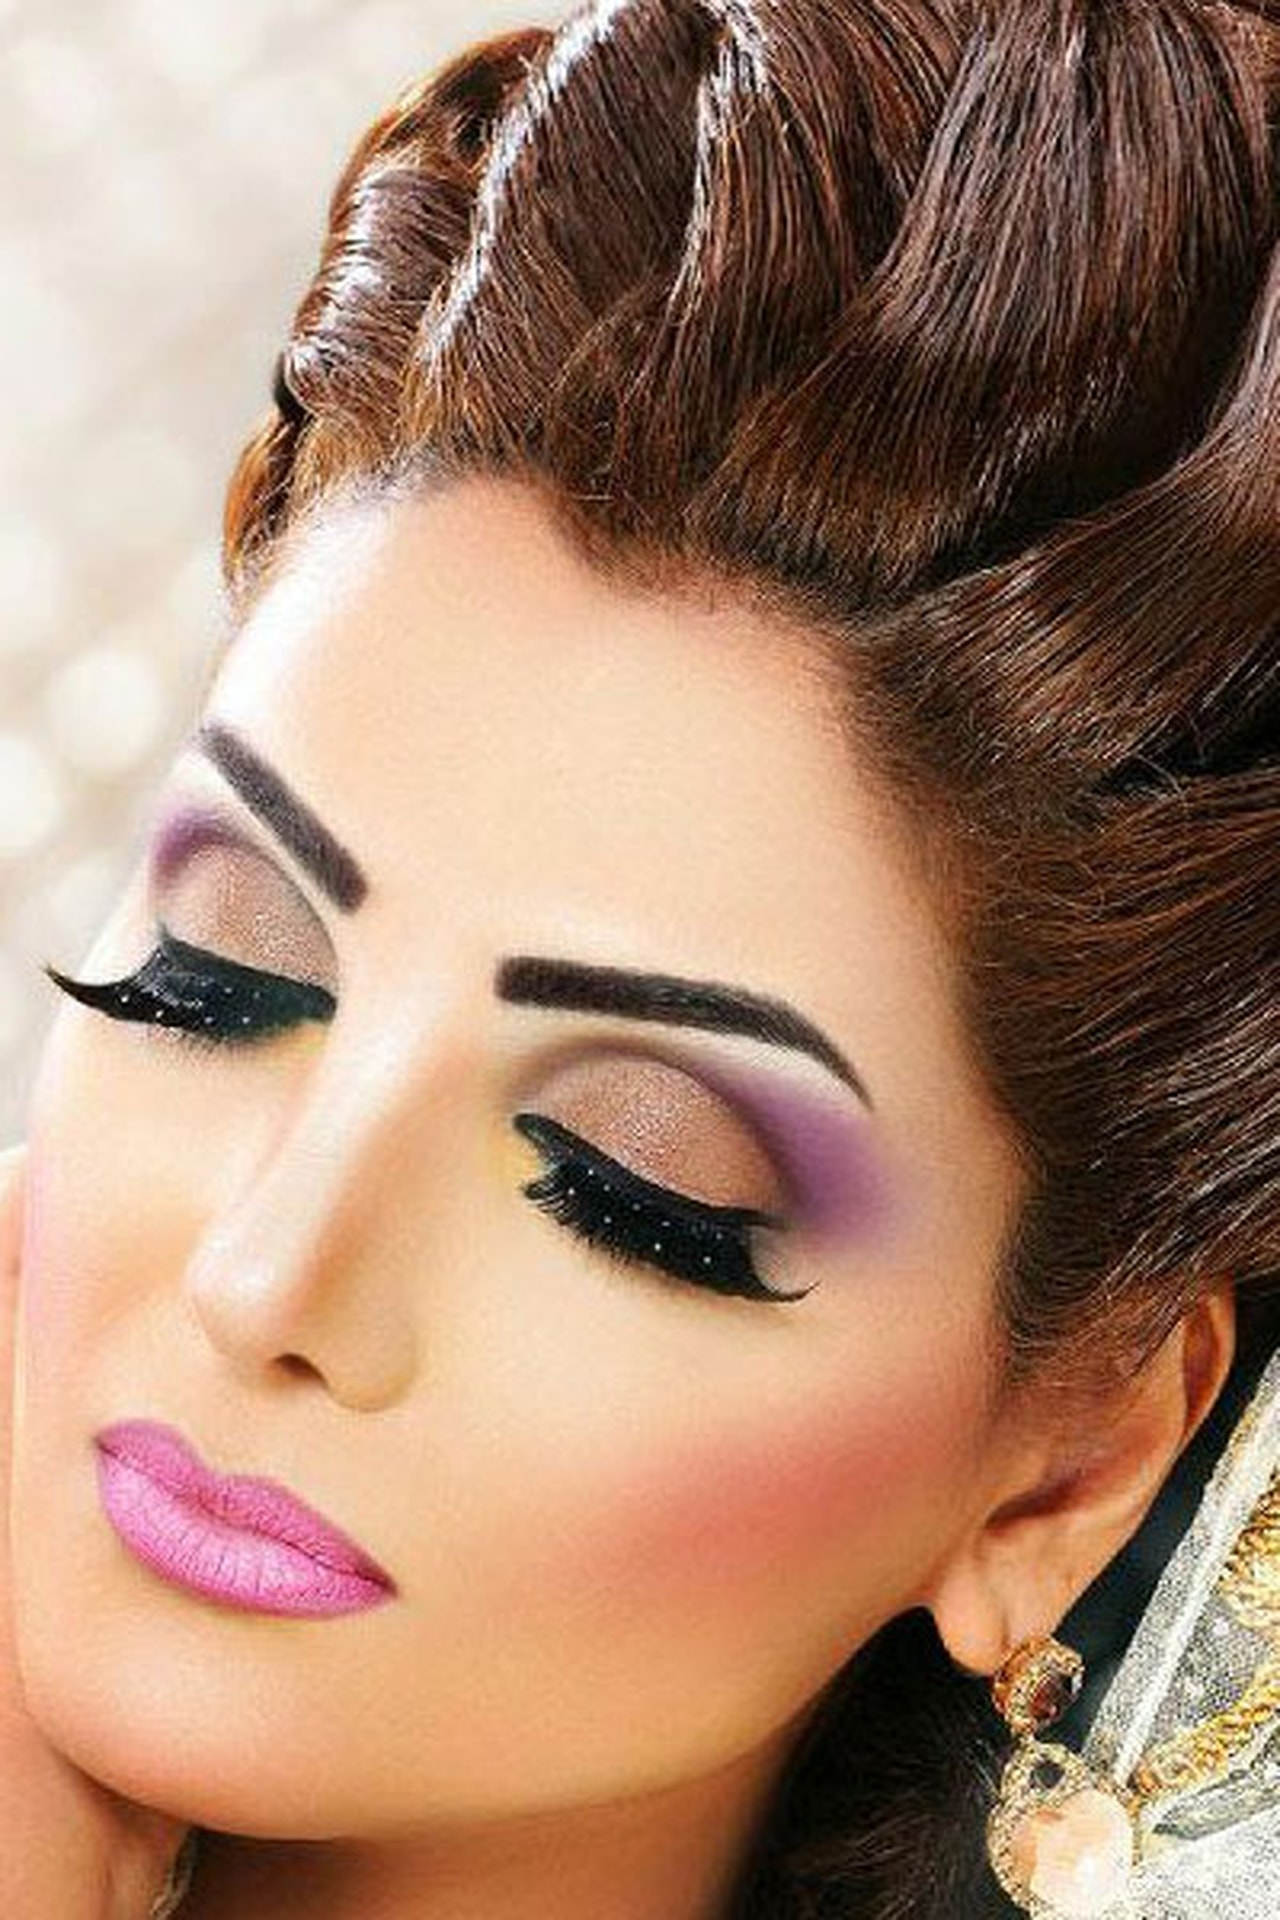 صوره بنات خليجية , تعرف علي اسرار جمال المراة الخليجية